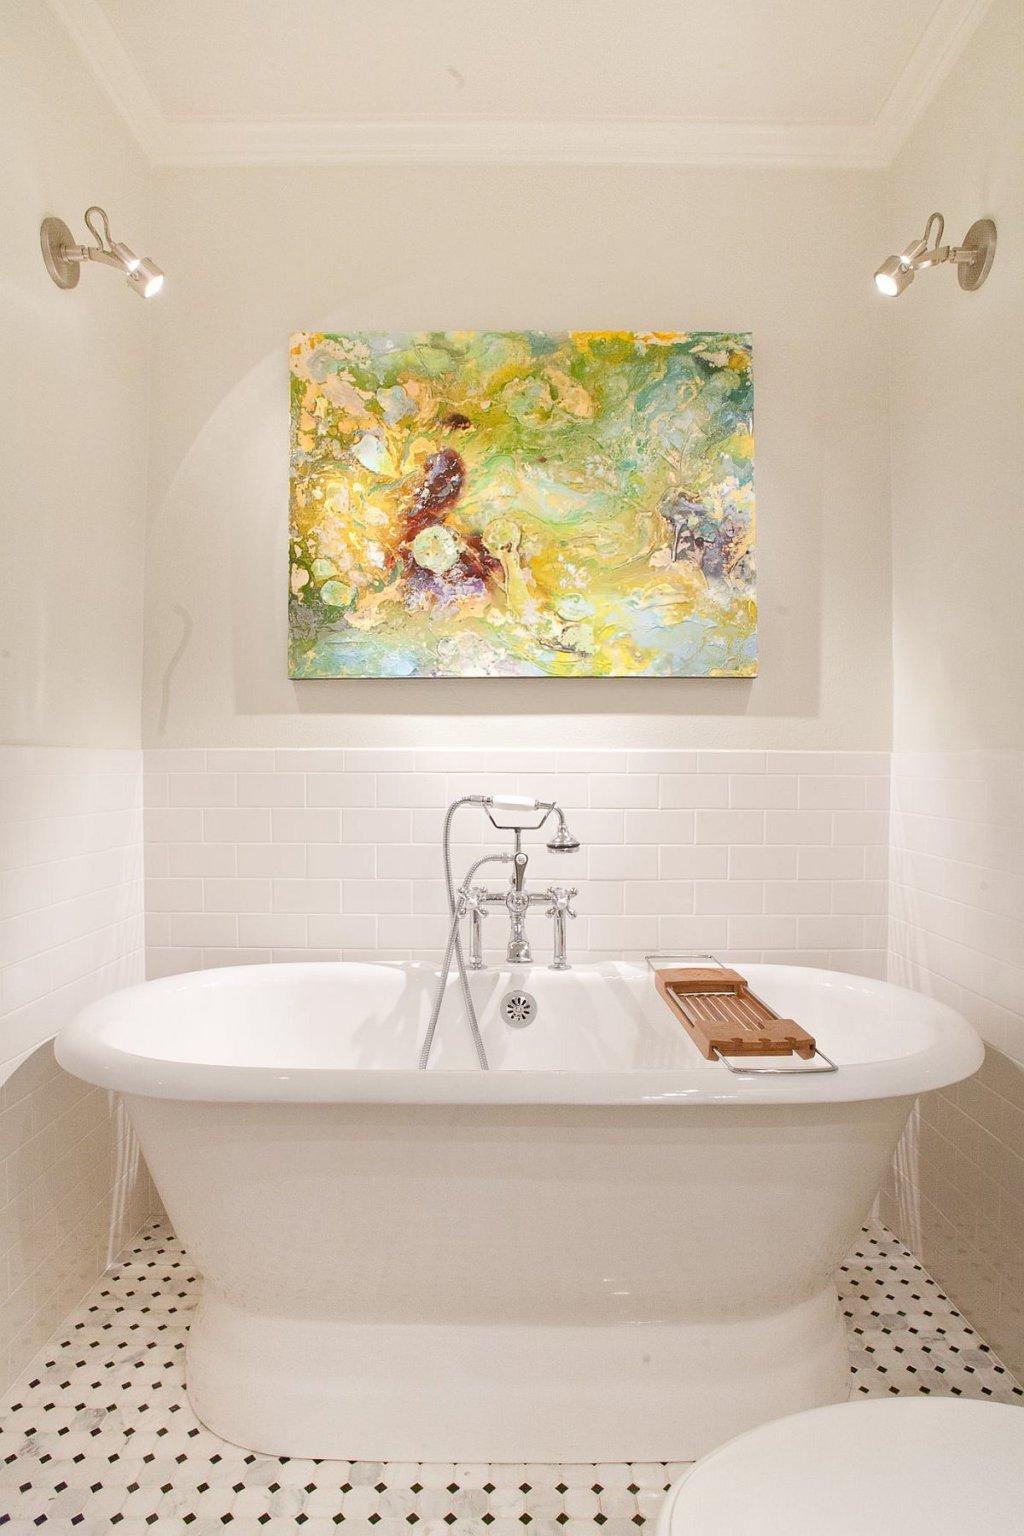 Phòng tắm nhỏ hiện đại ấn tượng hơn nhiều khi bạn sử dụng sáng tạo ánh sáng kết hợp với tranh nghệ thuật treo tường.